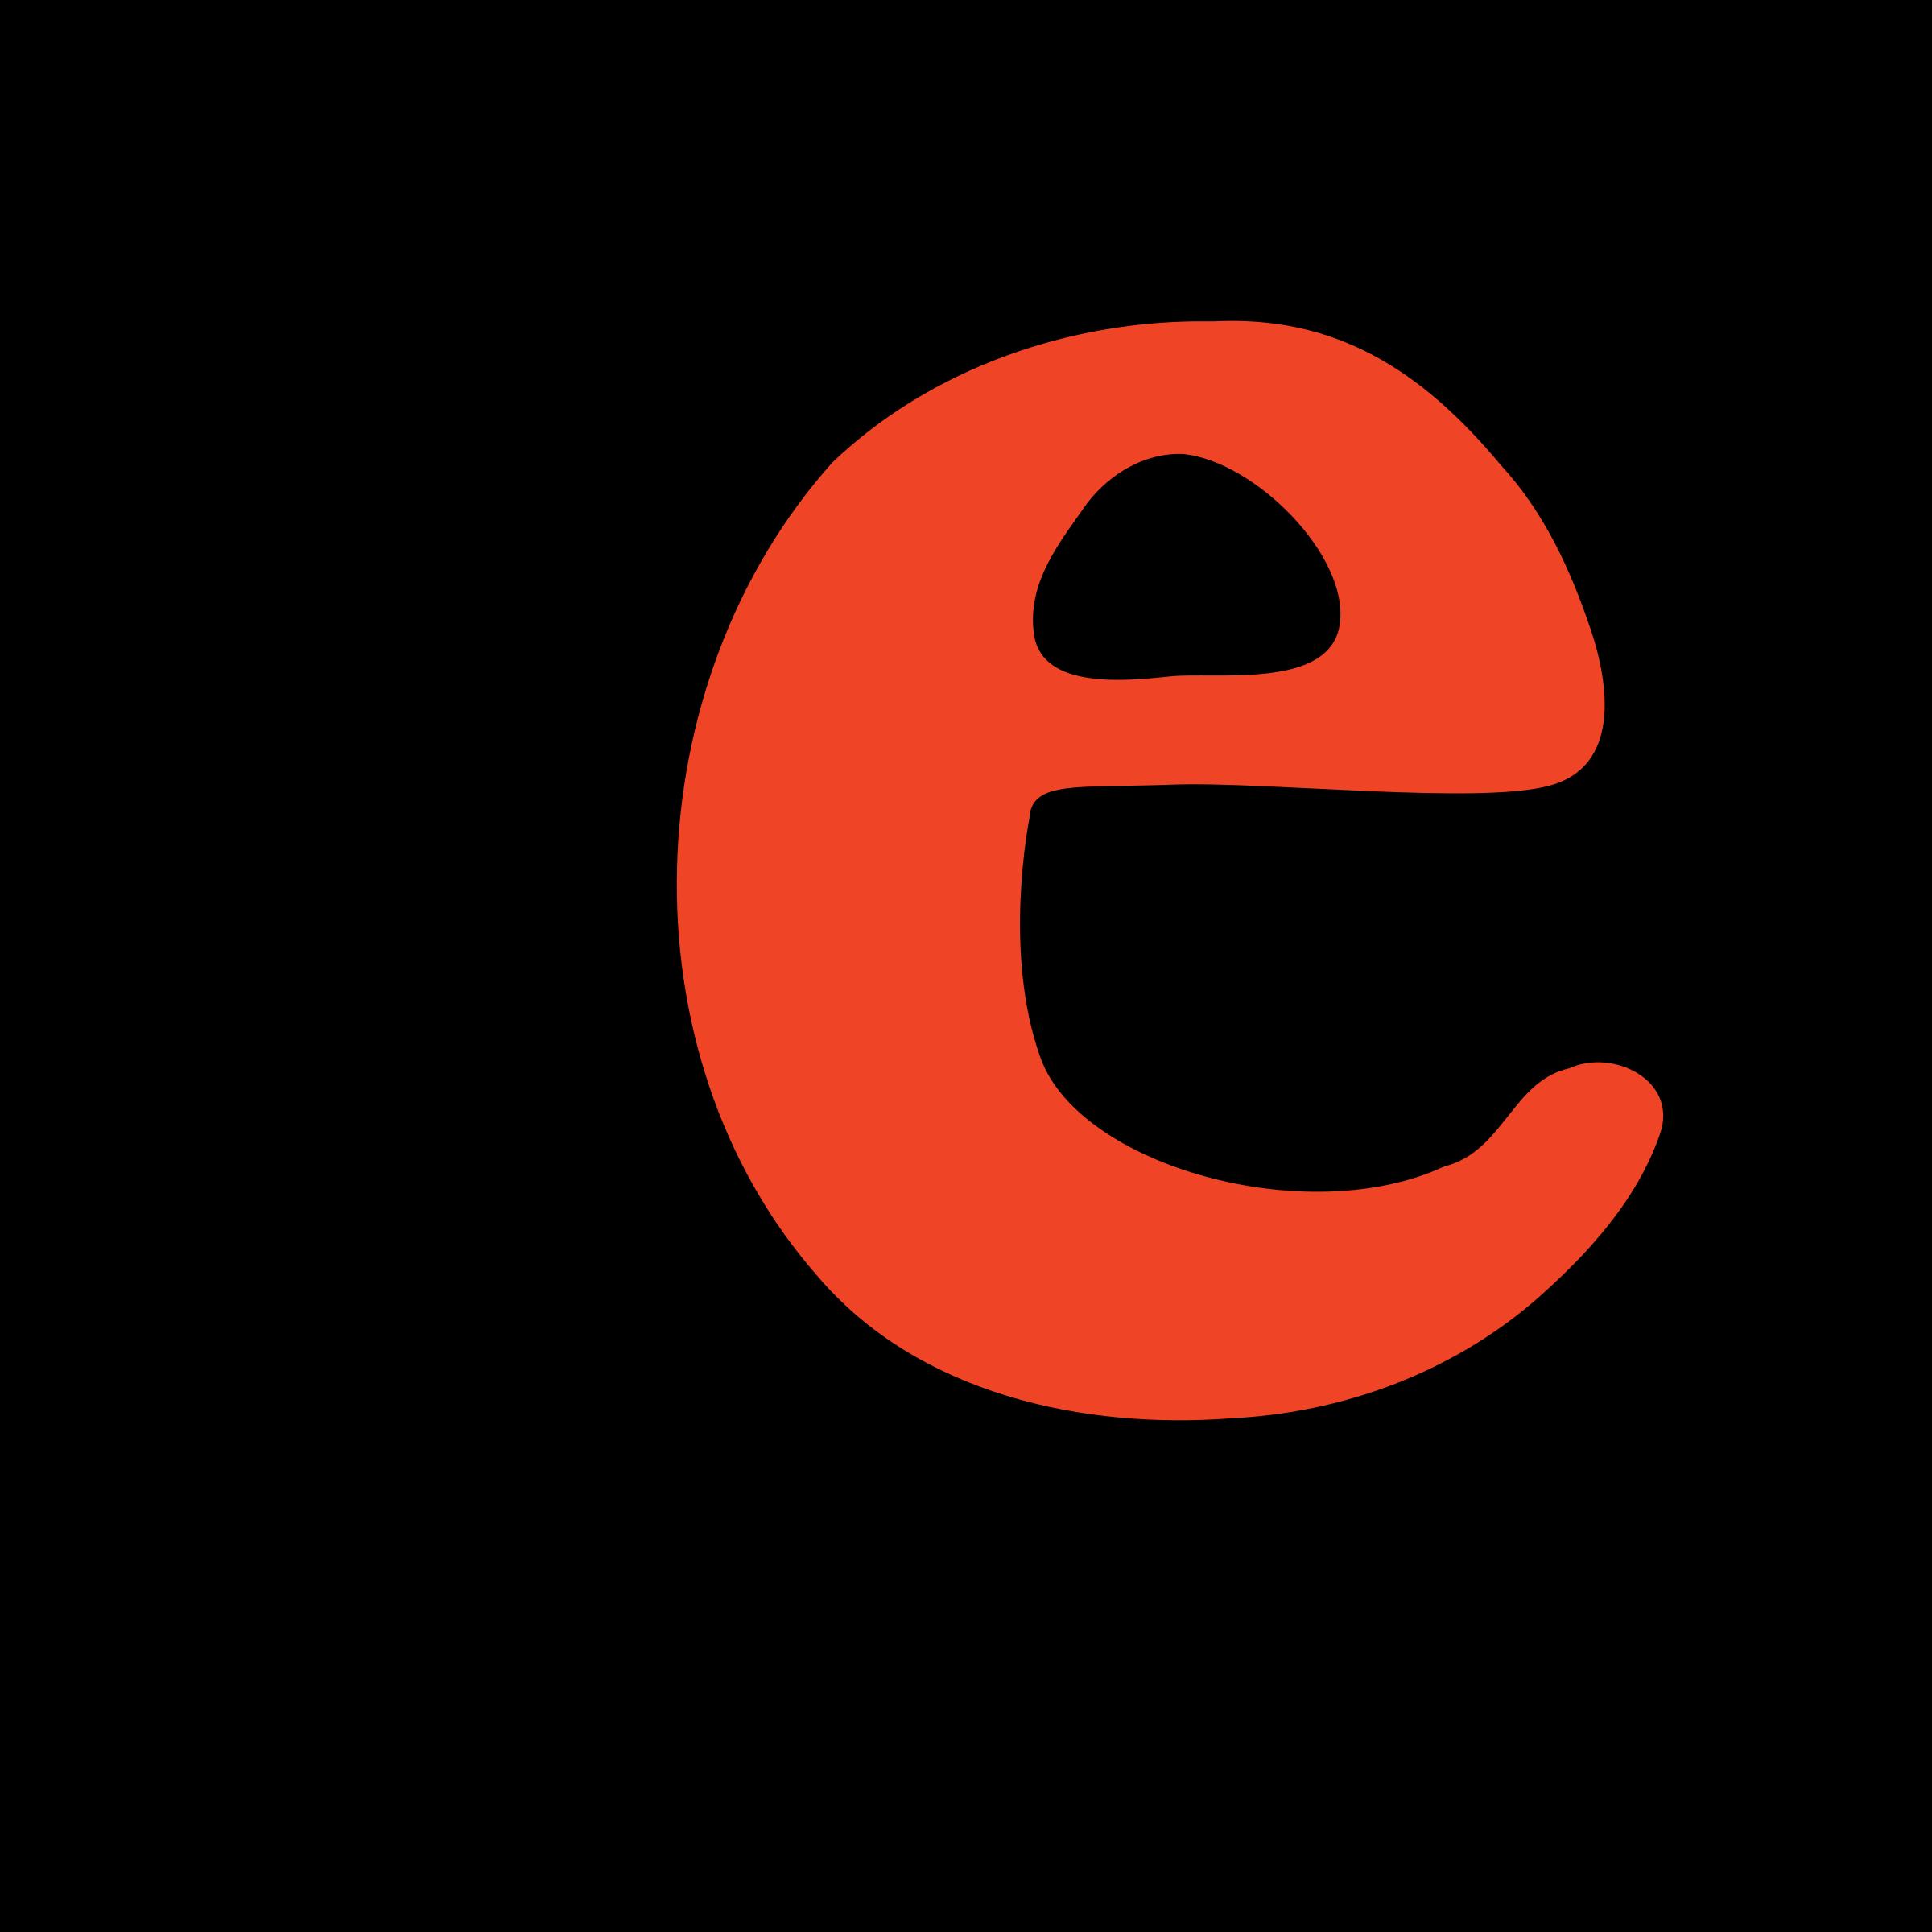 Clipart - lowercase e